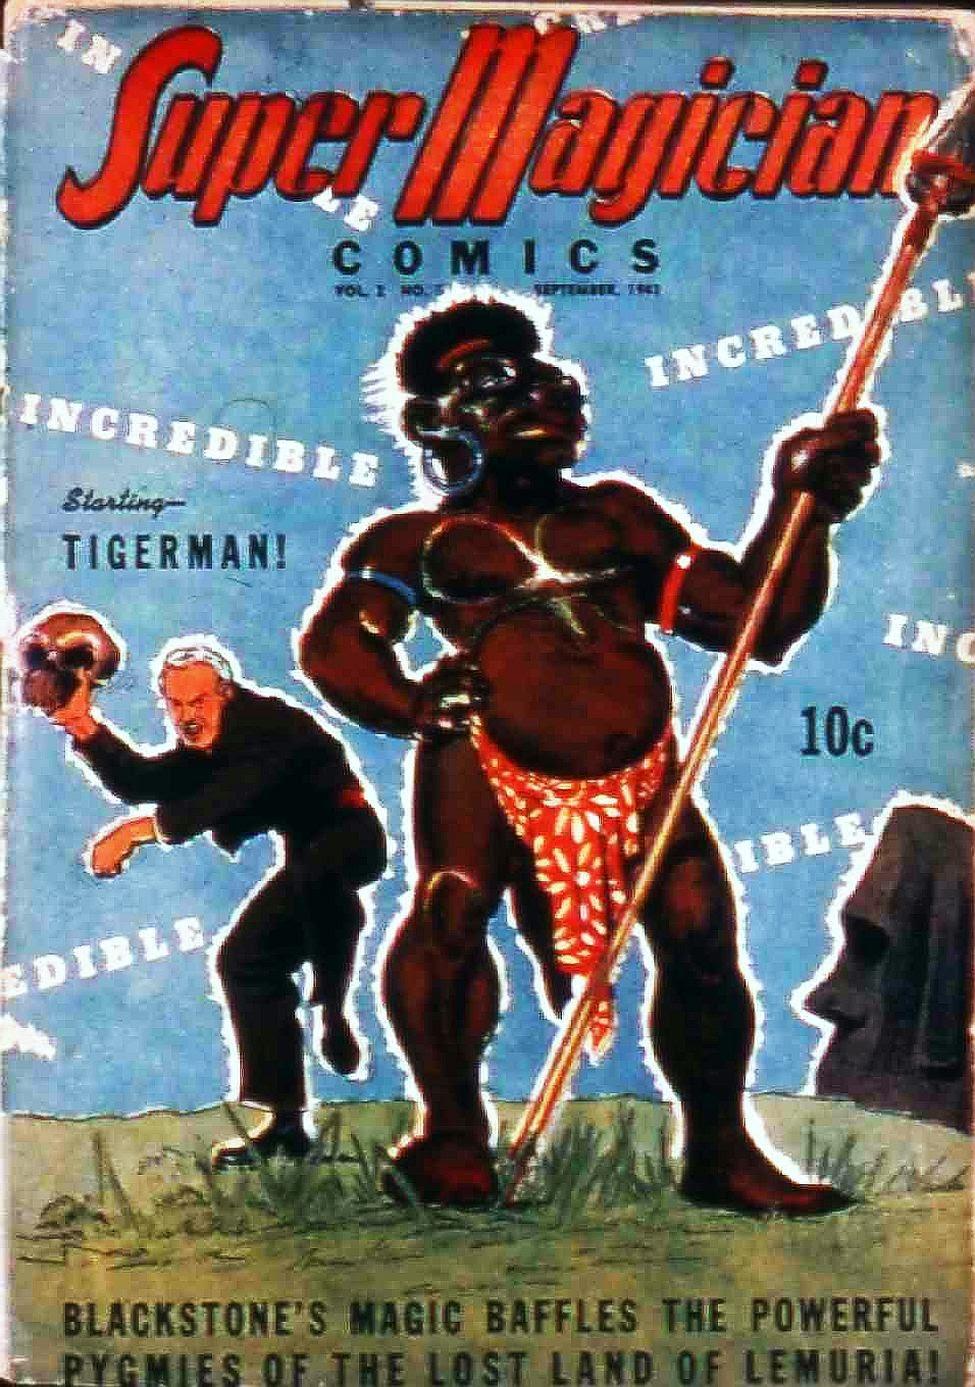 Read online Super-Magician Comics comic -  Issue #17 - 1